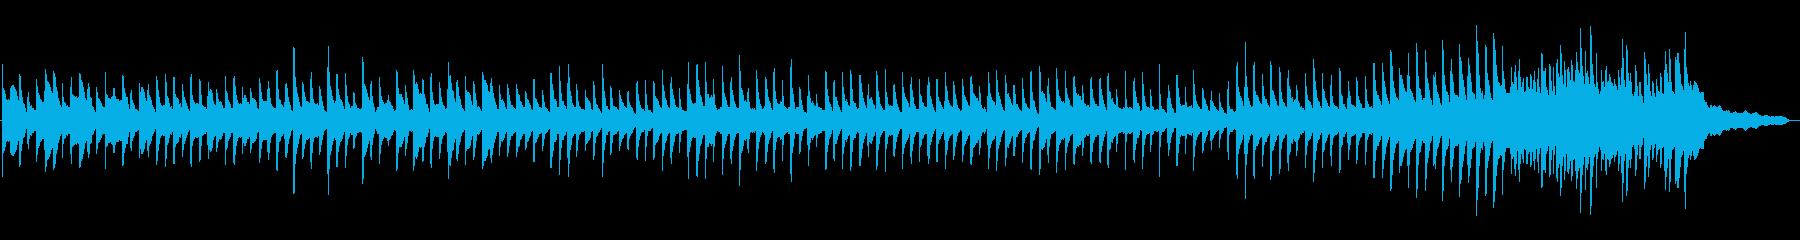 「倍音ピアノの奇妙な階段」静かな恐怖の再生済みの波形